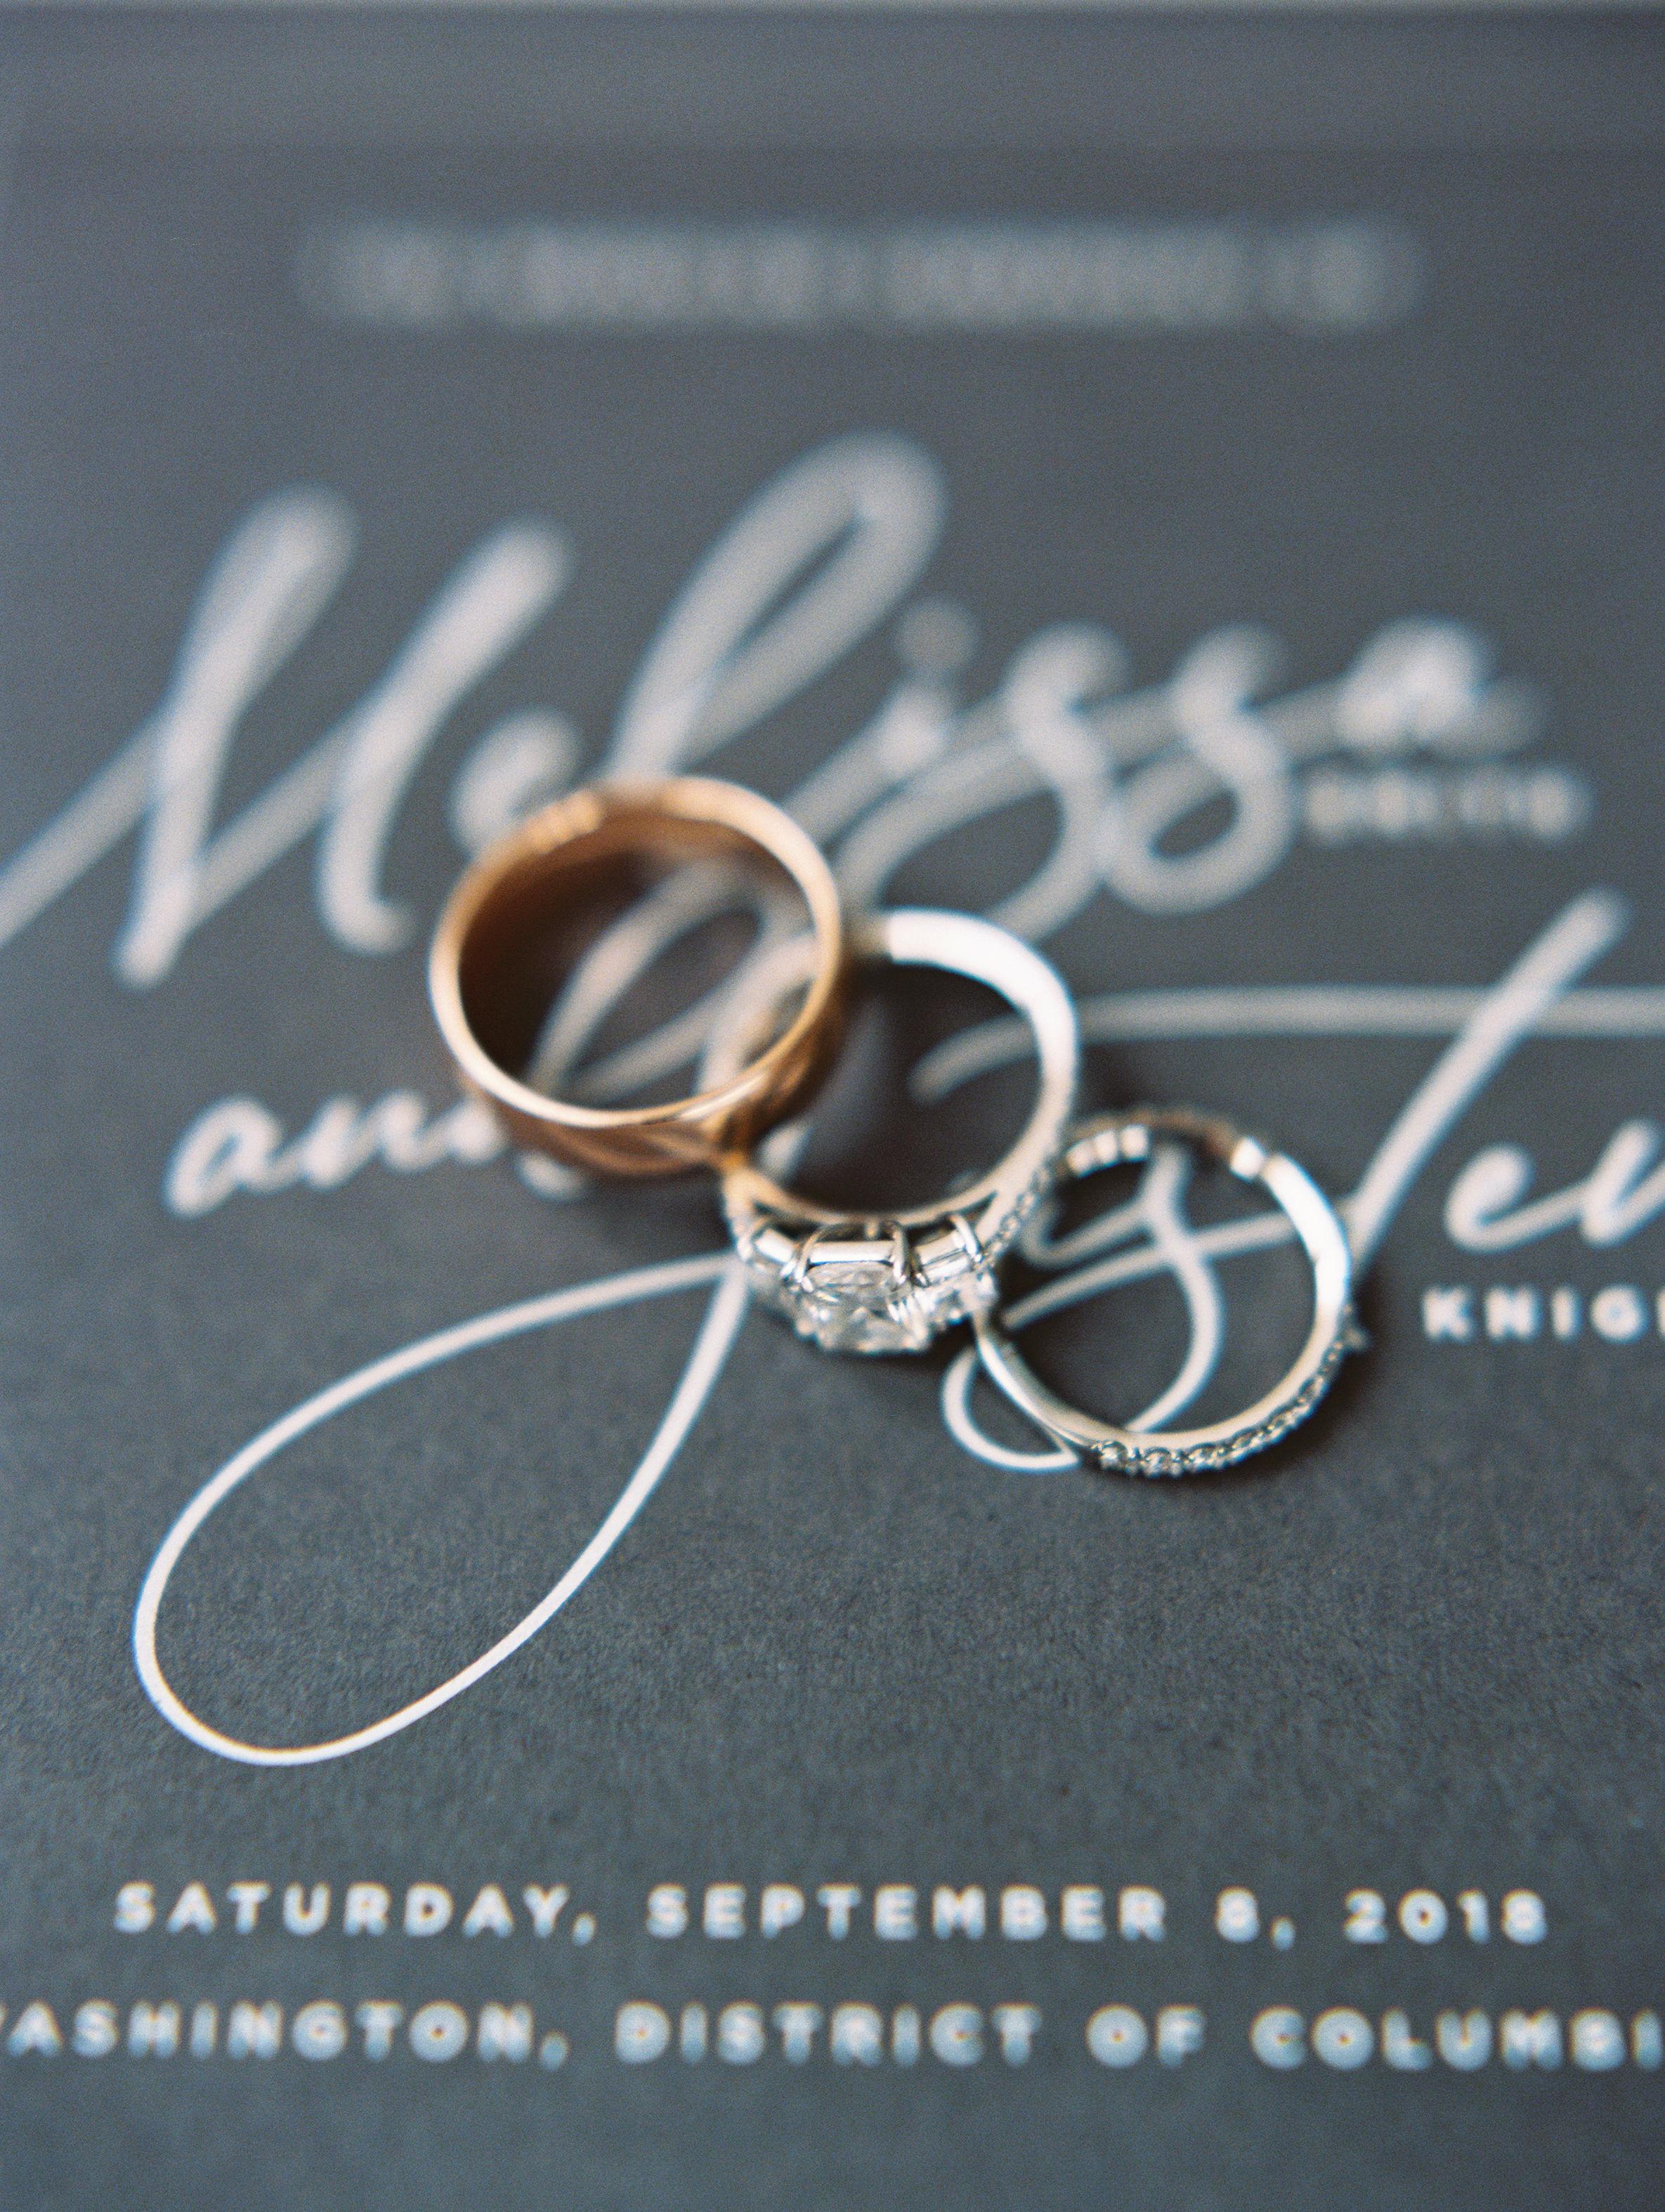 melissa justen wedding rings on programs